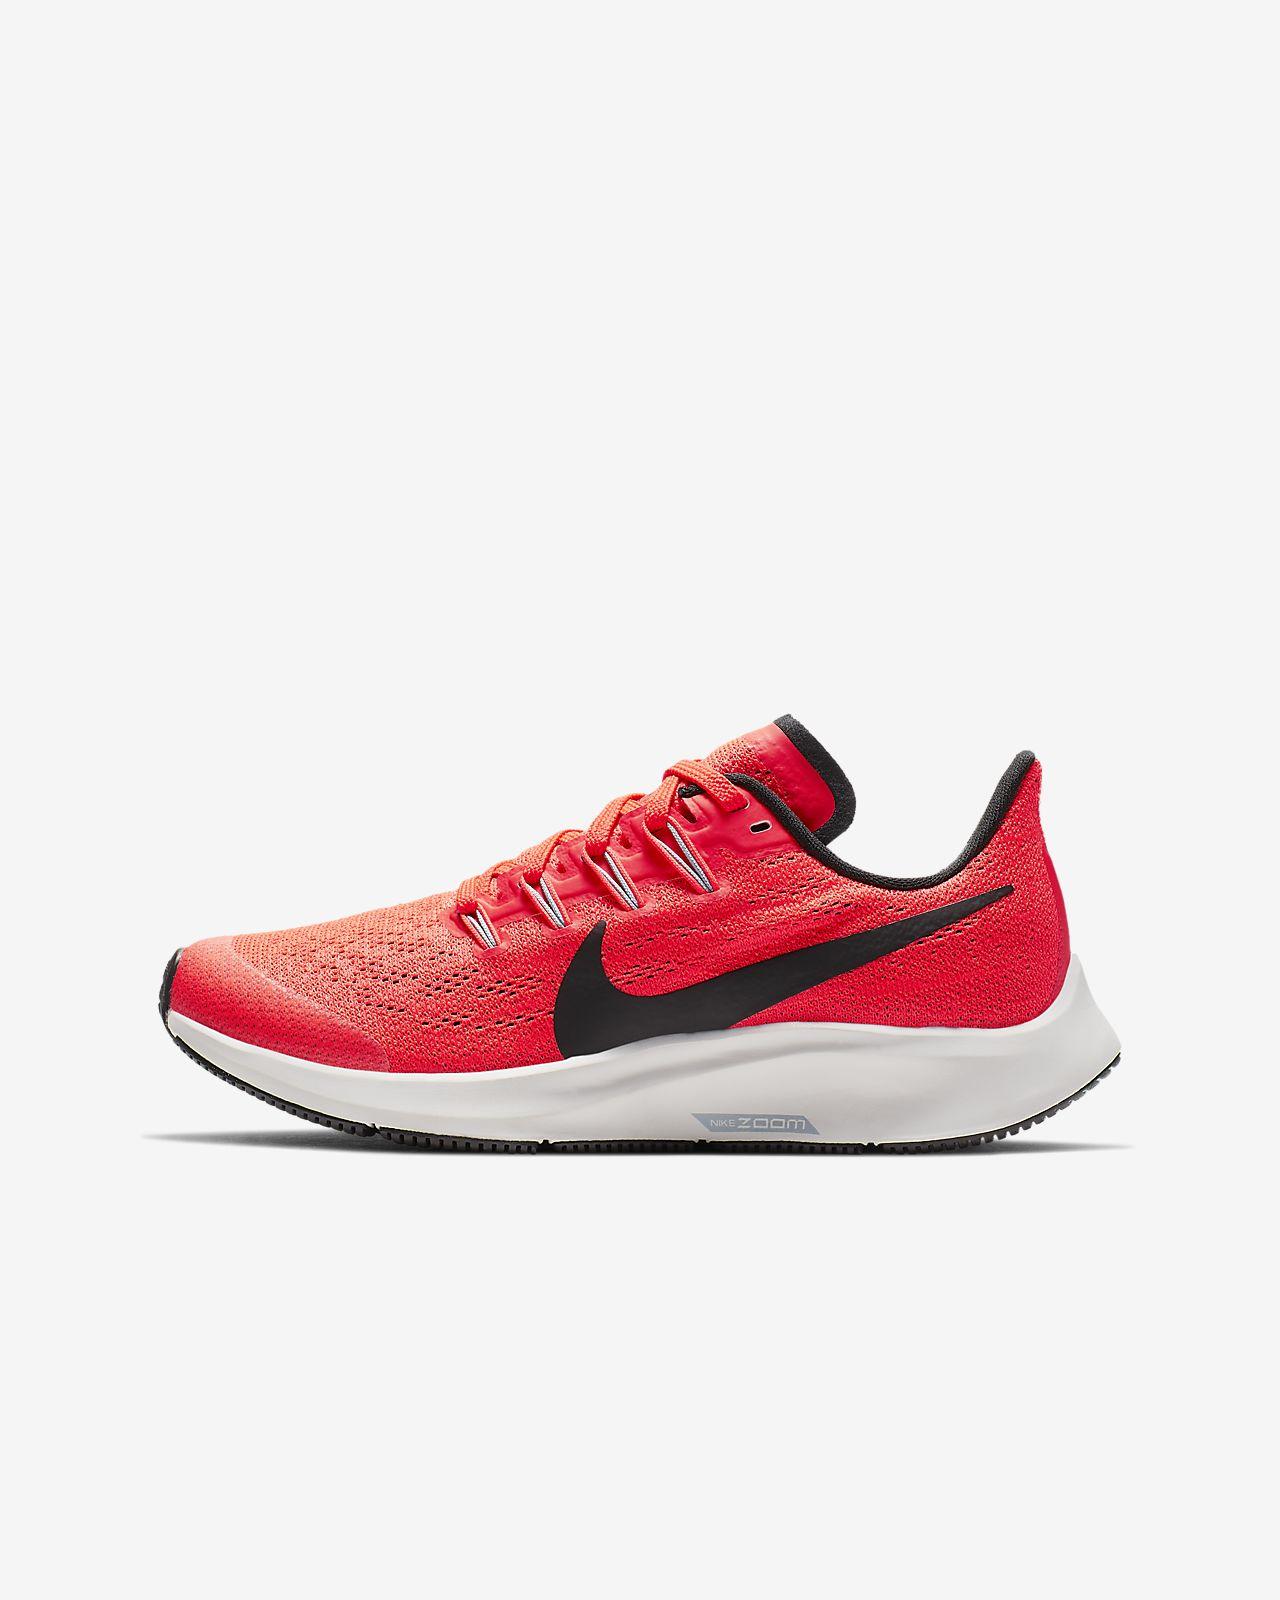 Nike Air Zoom Pegasus 36 Hardloopschoen voor kleuters/kids